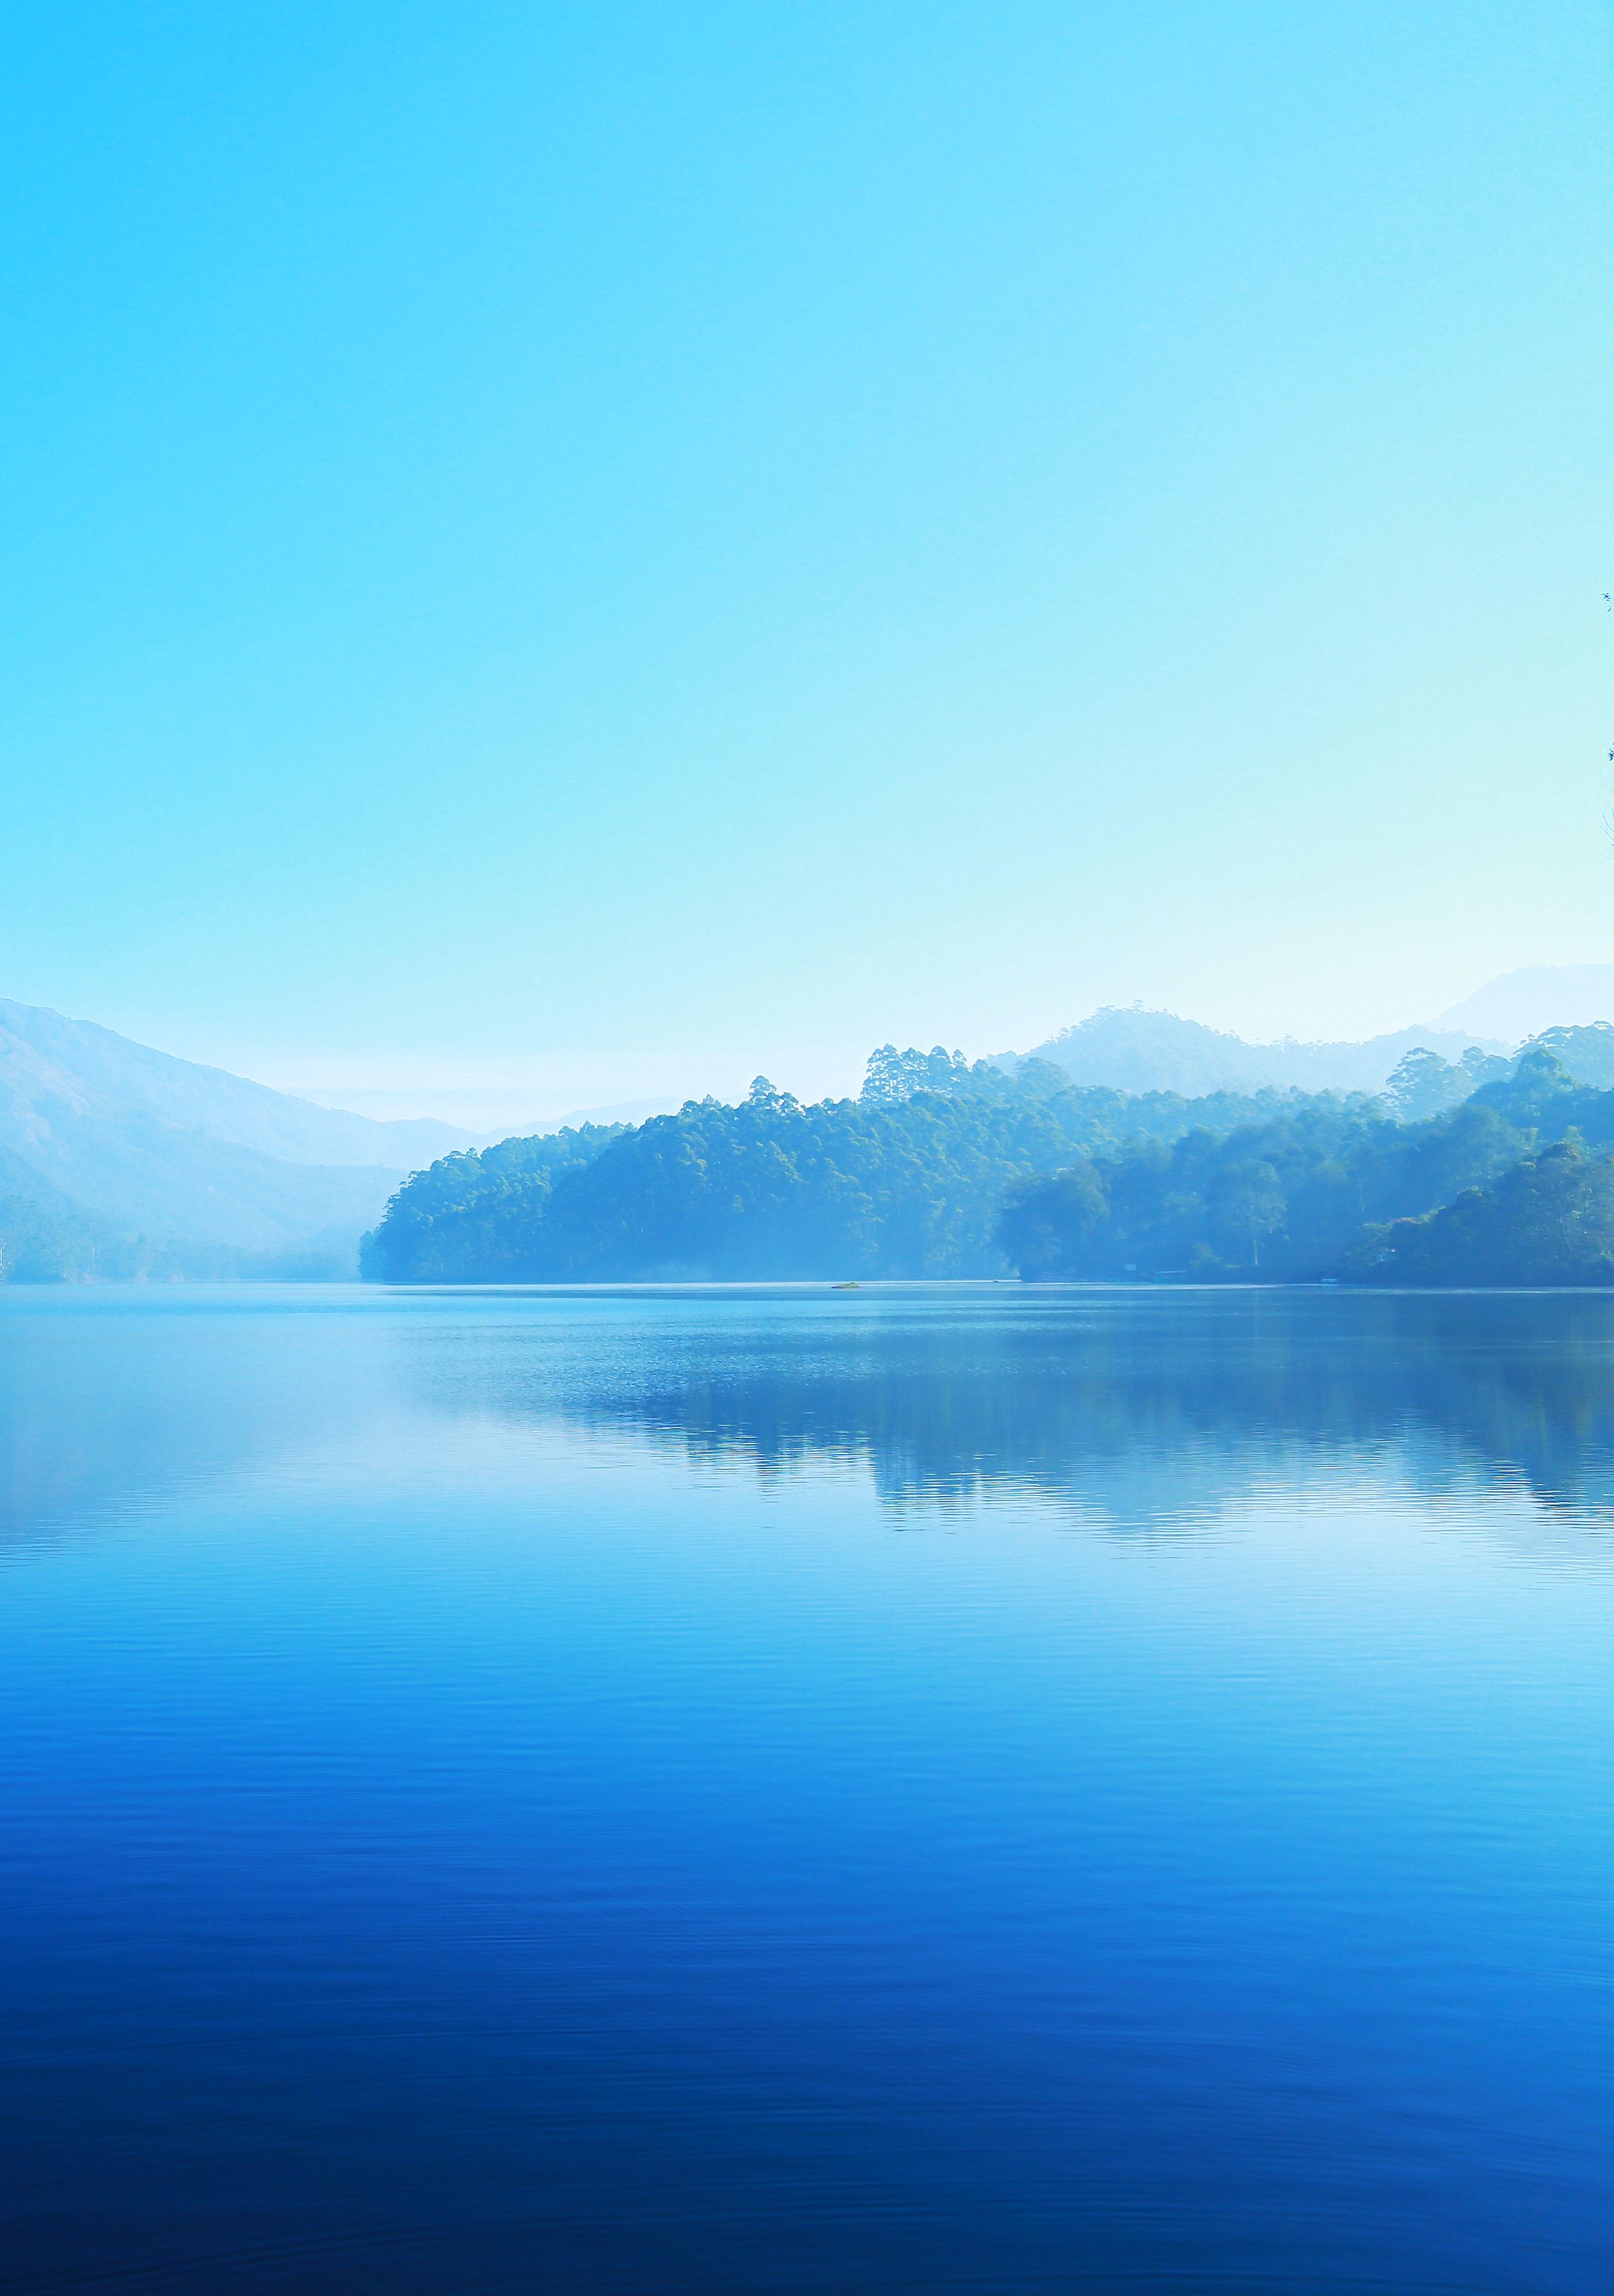 Foto Gratuita Di Acqua Azzurro Blu